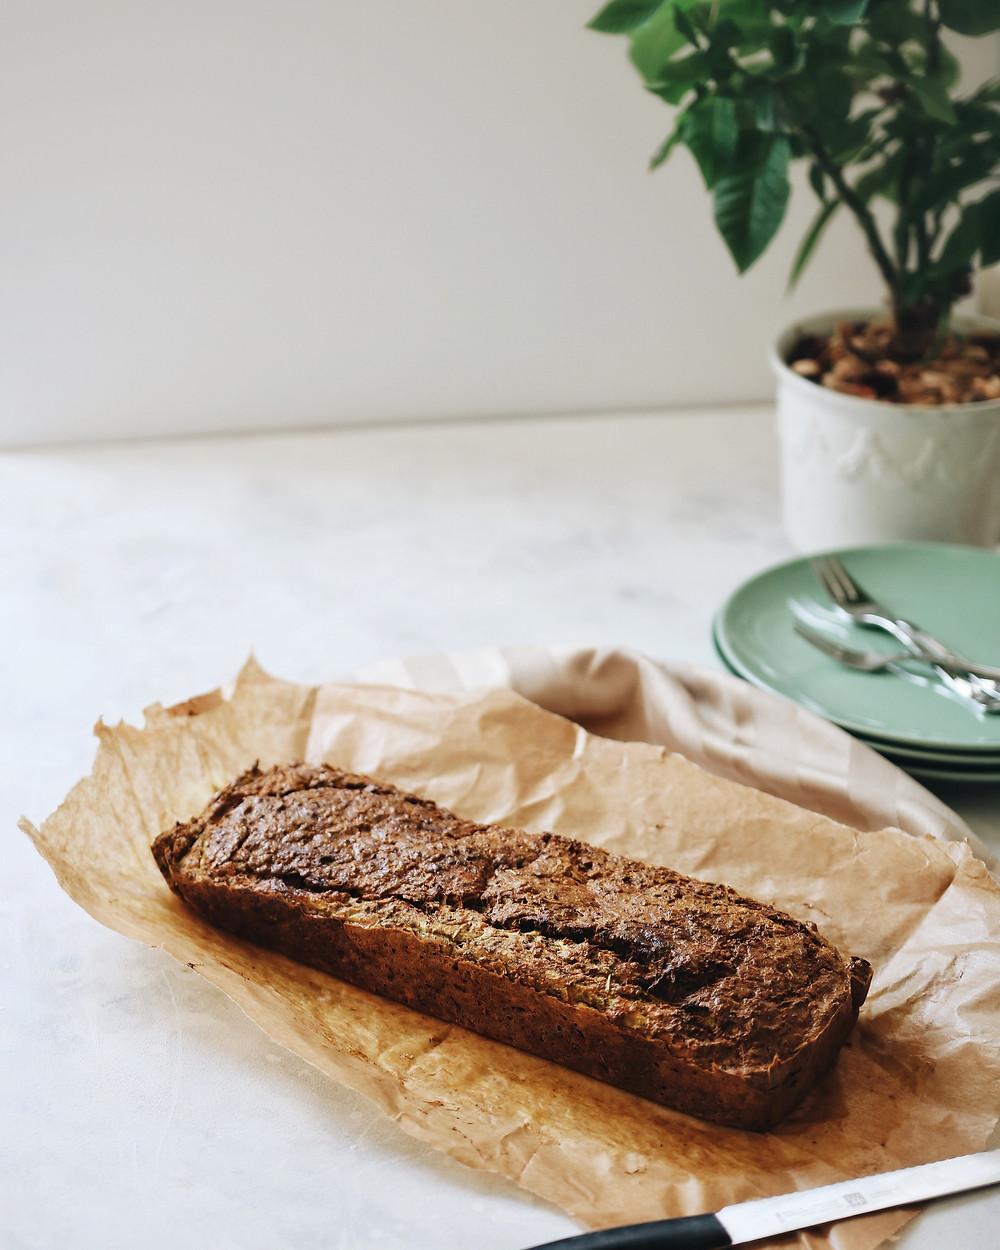 Zlatni kruh od tikvica na bijeloj podlozi, na papiru za pečenje. U pozadini tanjuri i biljka.